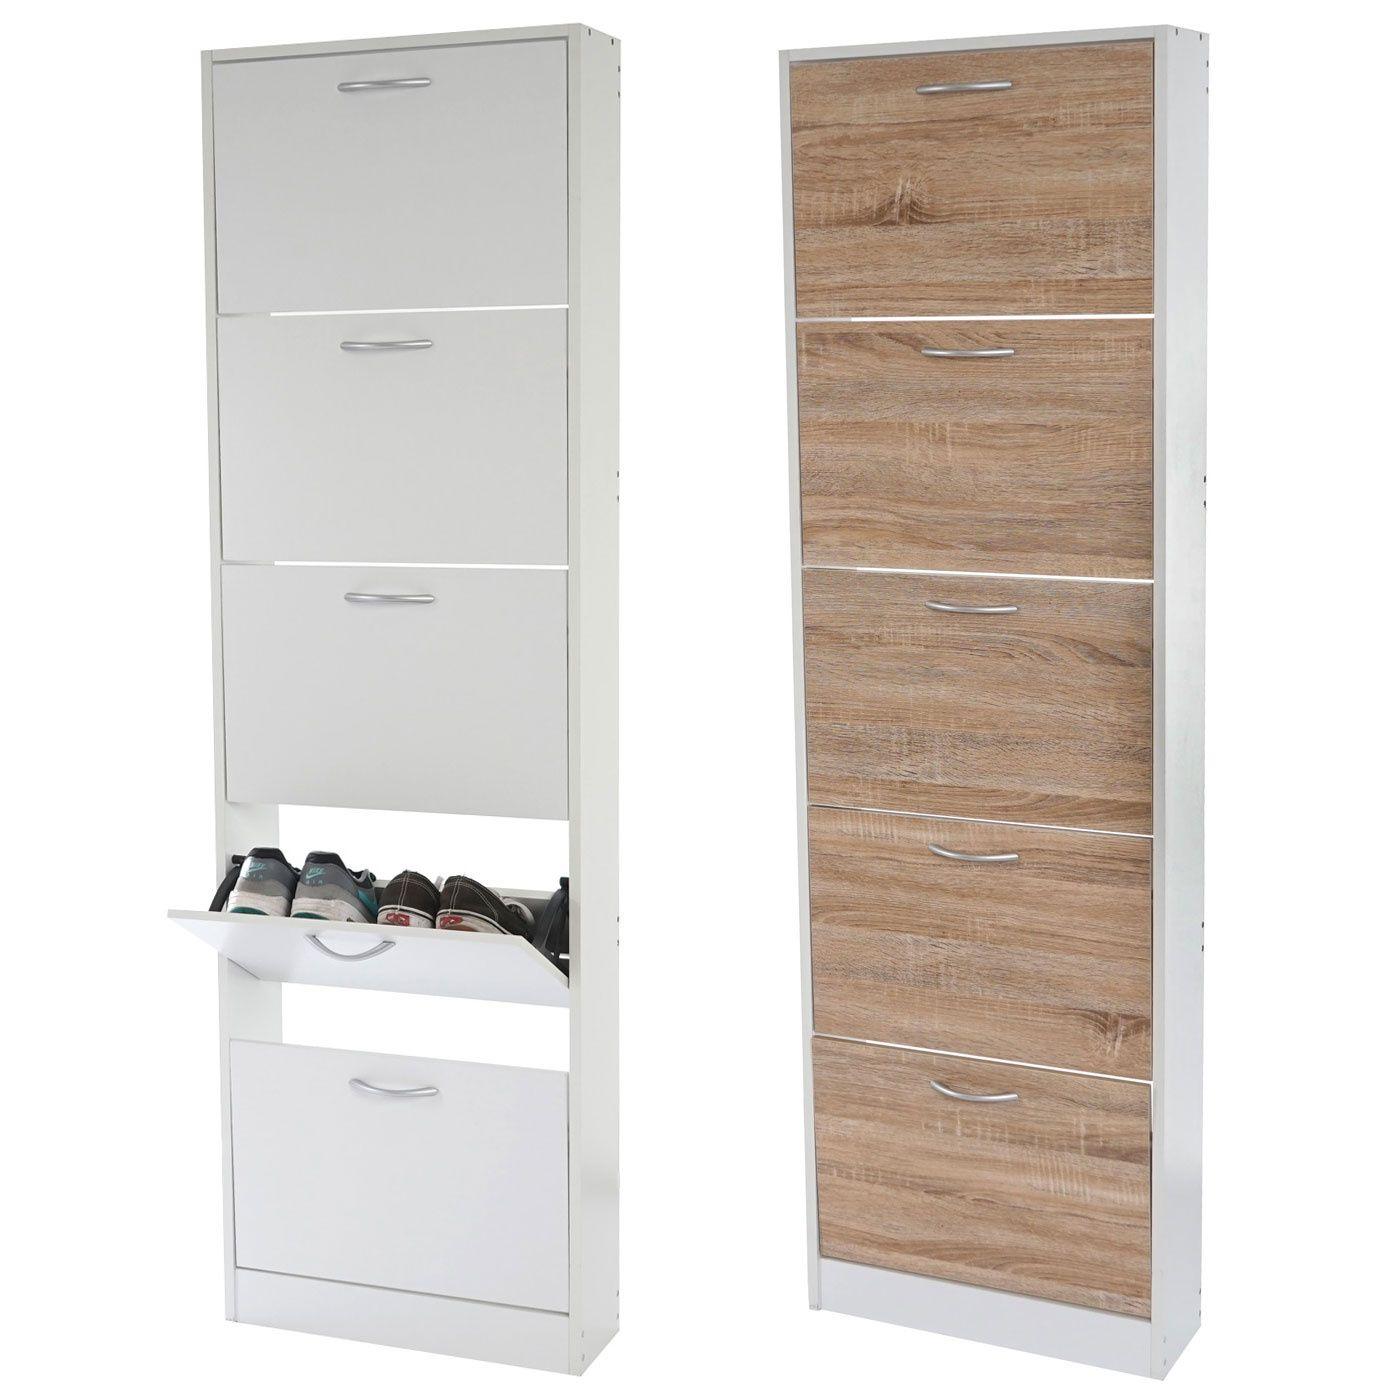 9 Einzigartig Fotos Von Schuhschrank 20 Cm Tief Tall Cabinet Storage Locker Storage Storage Cabinet